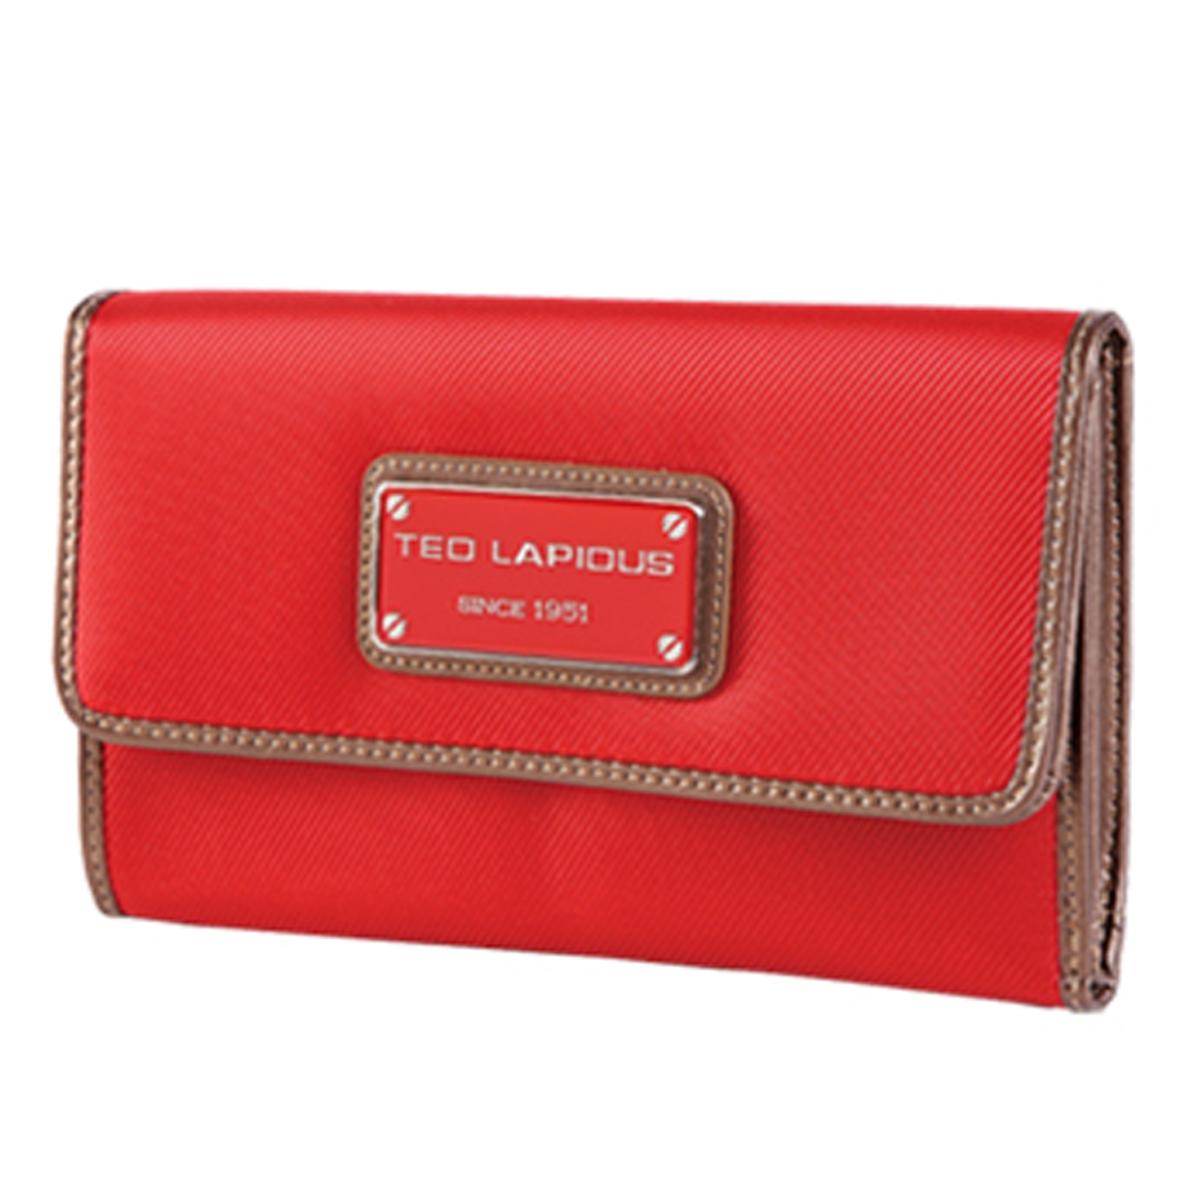 Grand Portefeuille Porte-monnaie \'Ted Lapidus\' rouge - 19x12x3 cm - [K5725]